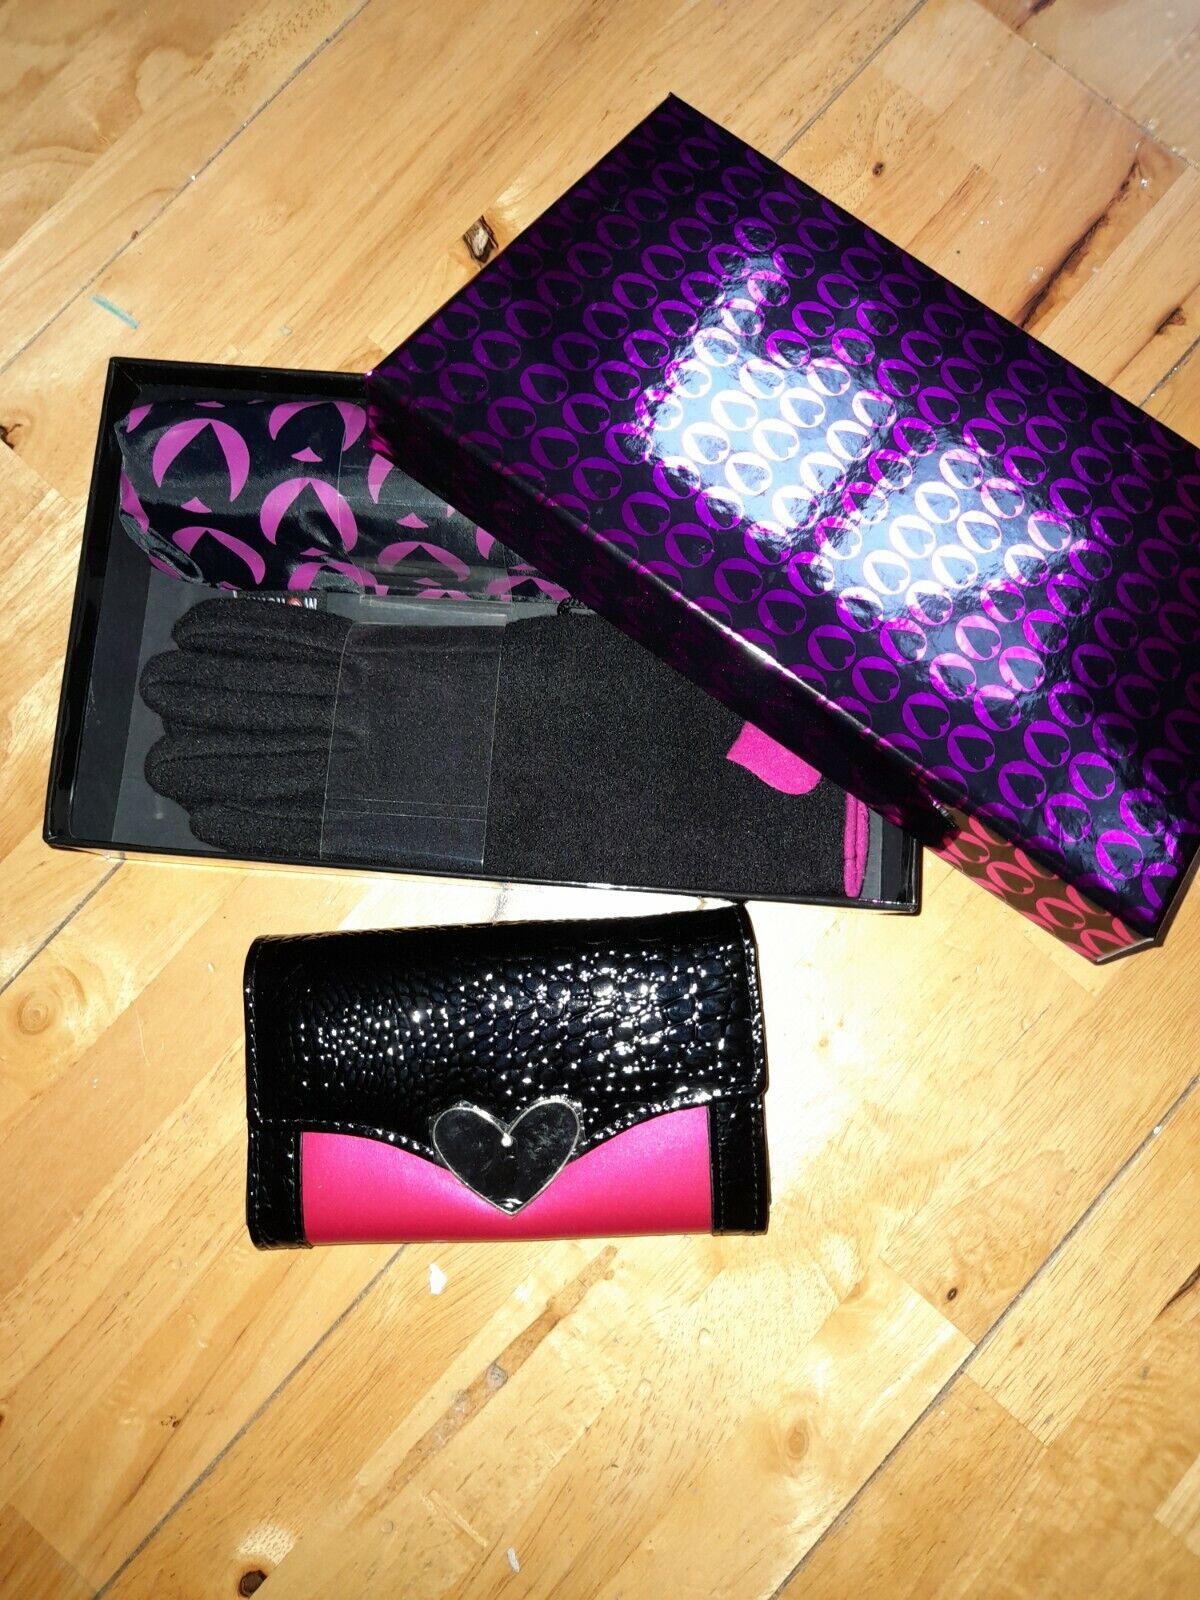 Morgan Purse Umbrella Gloves Set Pink Black New Box